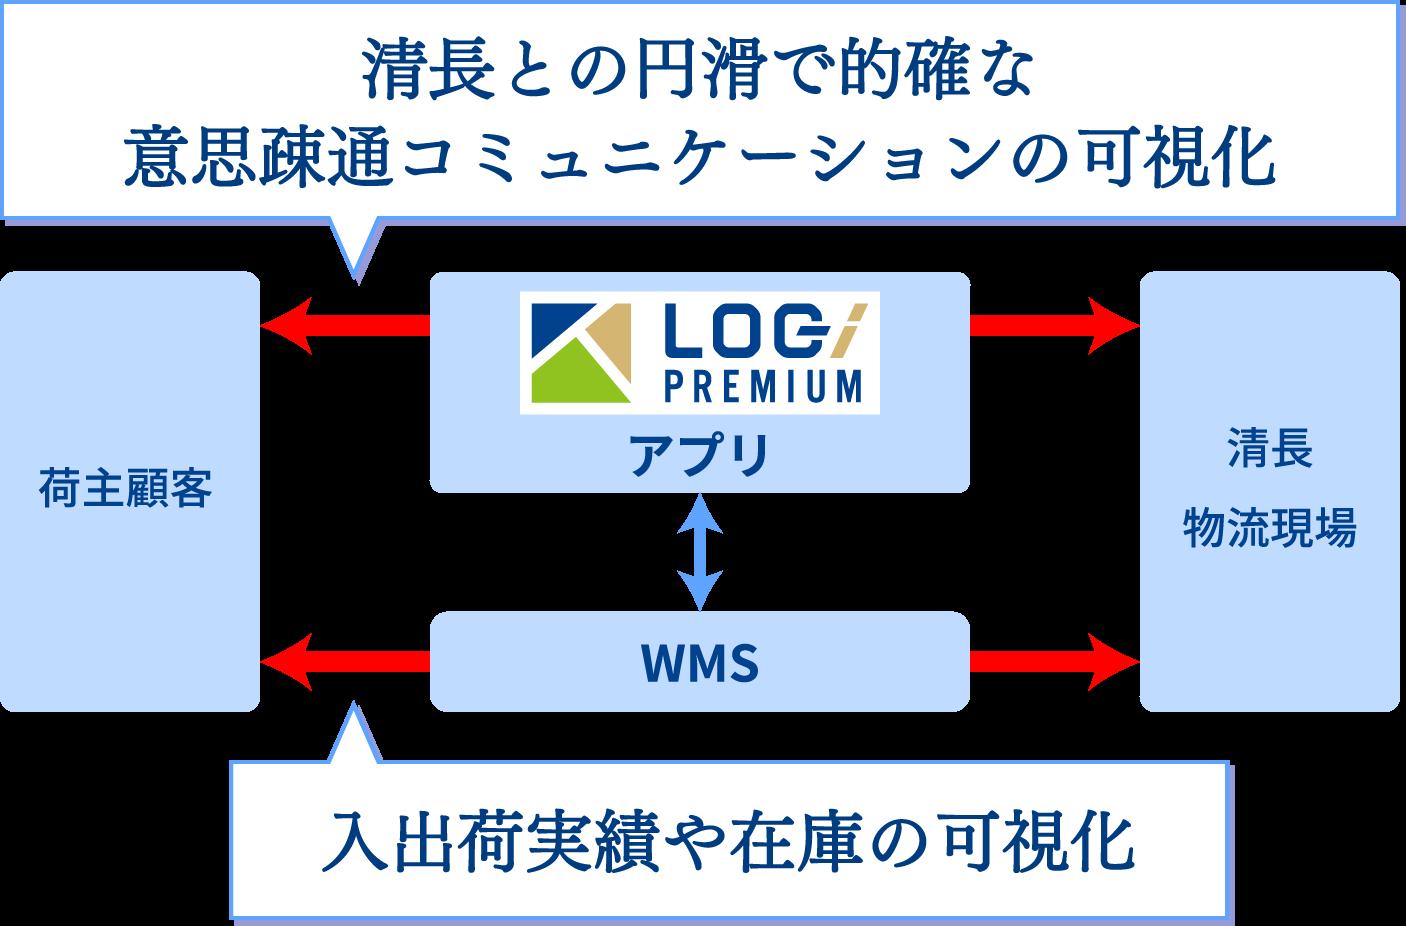 清長との円滑で的確な意思疎通コミュニケーションの可視化荷主顧客アプリWMS清長物流現場入出荷実績や在庫の可視化